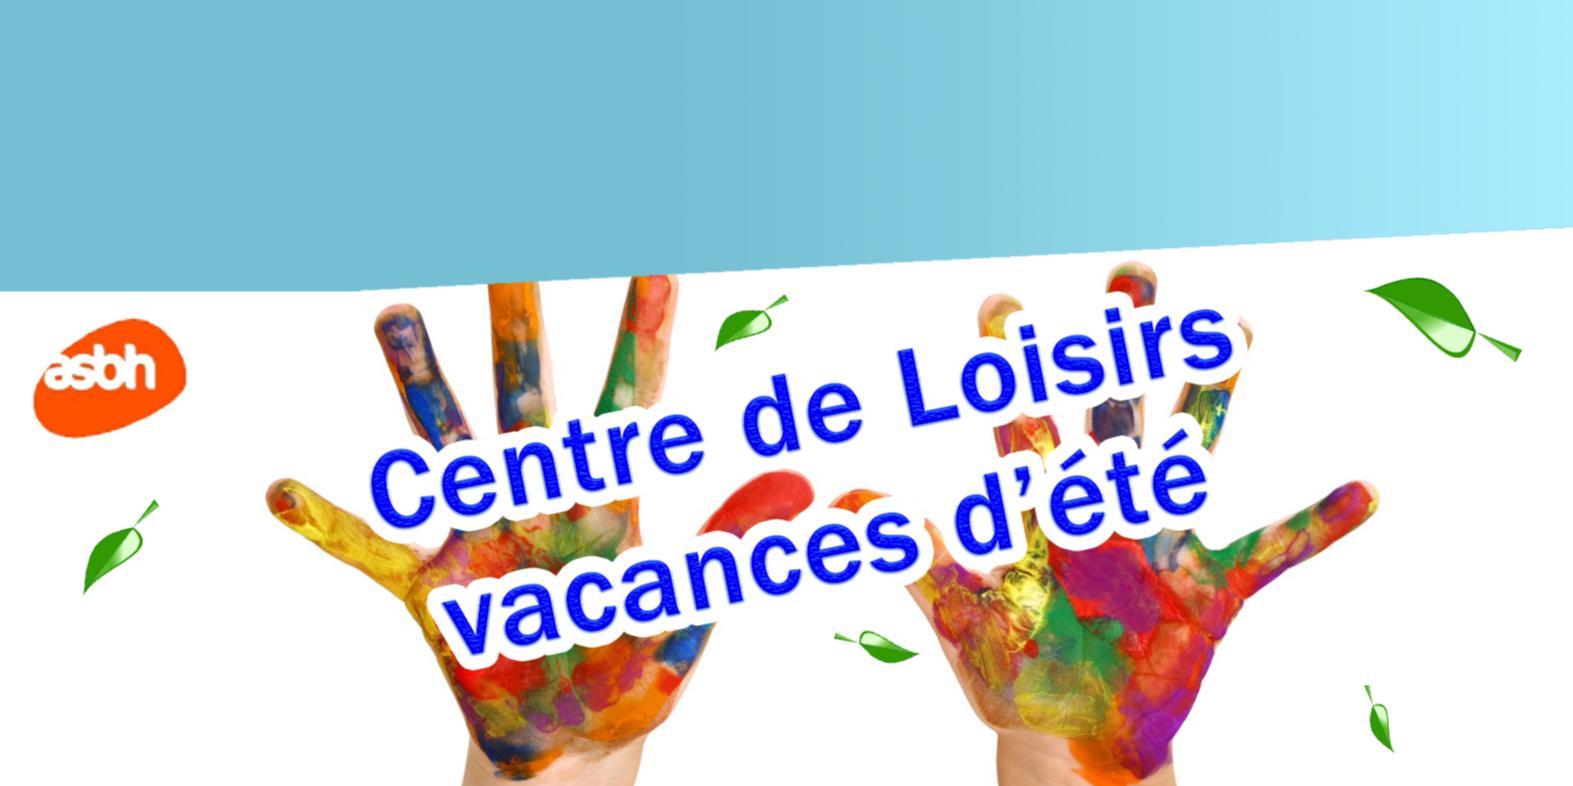 Centre de Loisirs - Vacances d'été (pour les 6 - 12 ans)